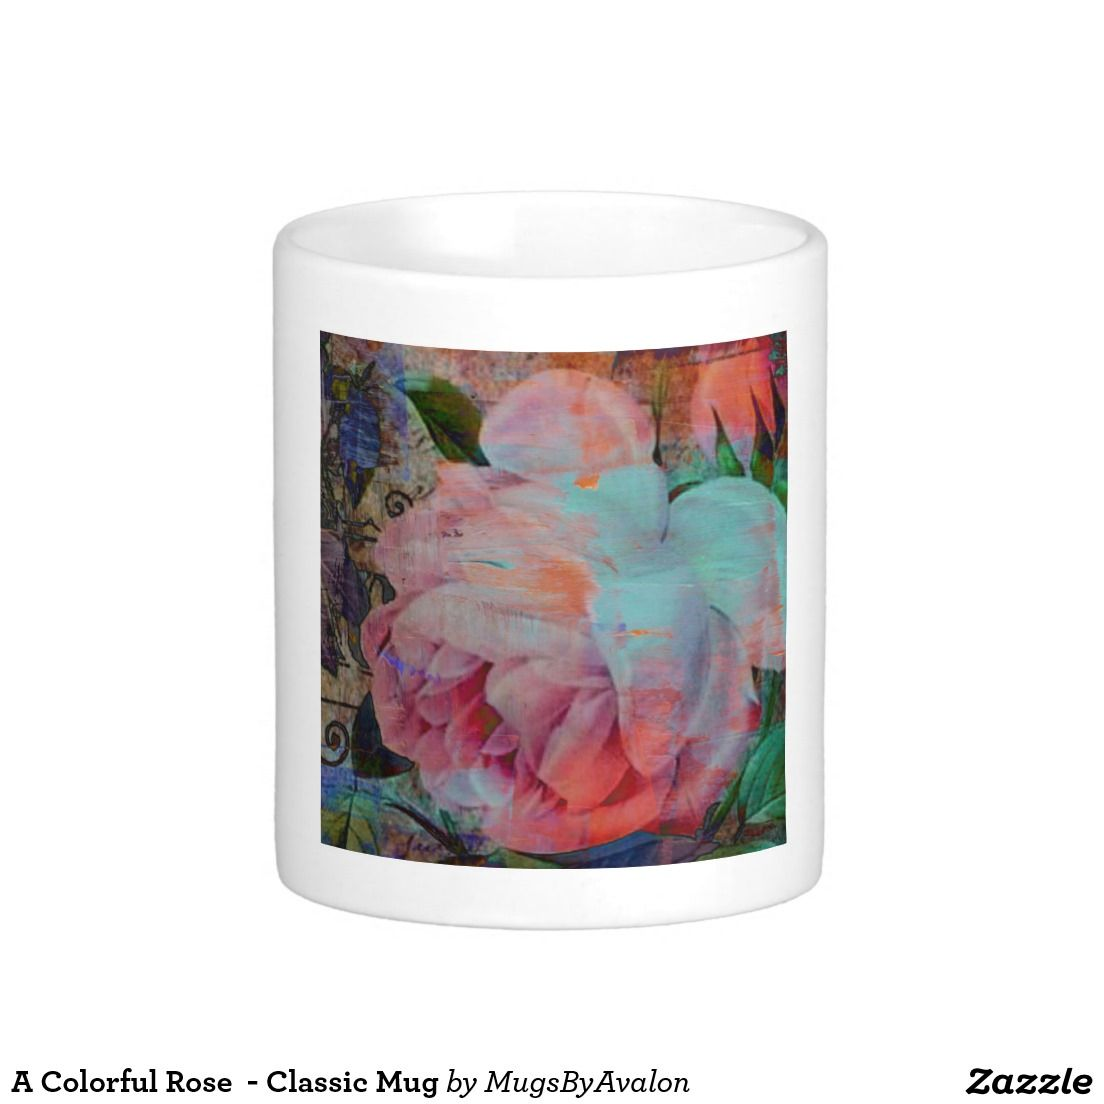 A Colorful Rose  - Classic Mug